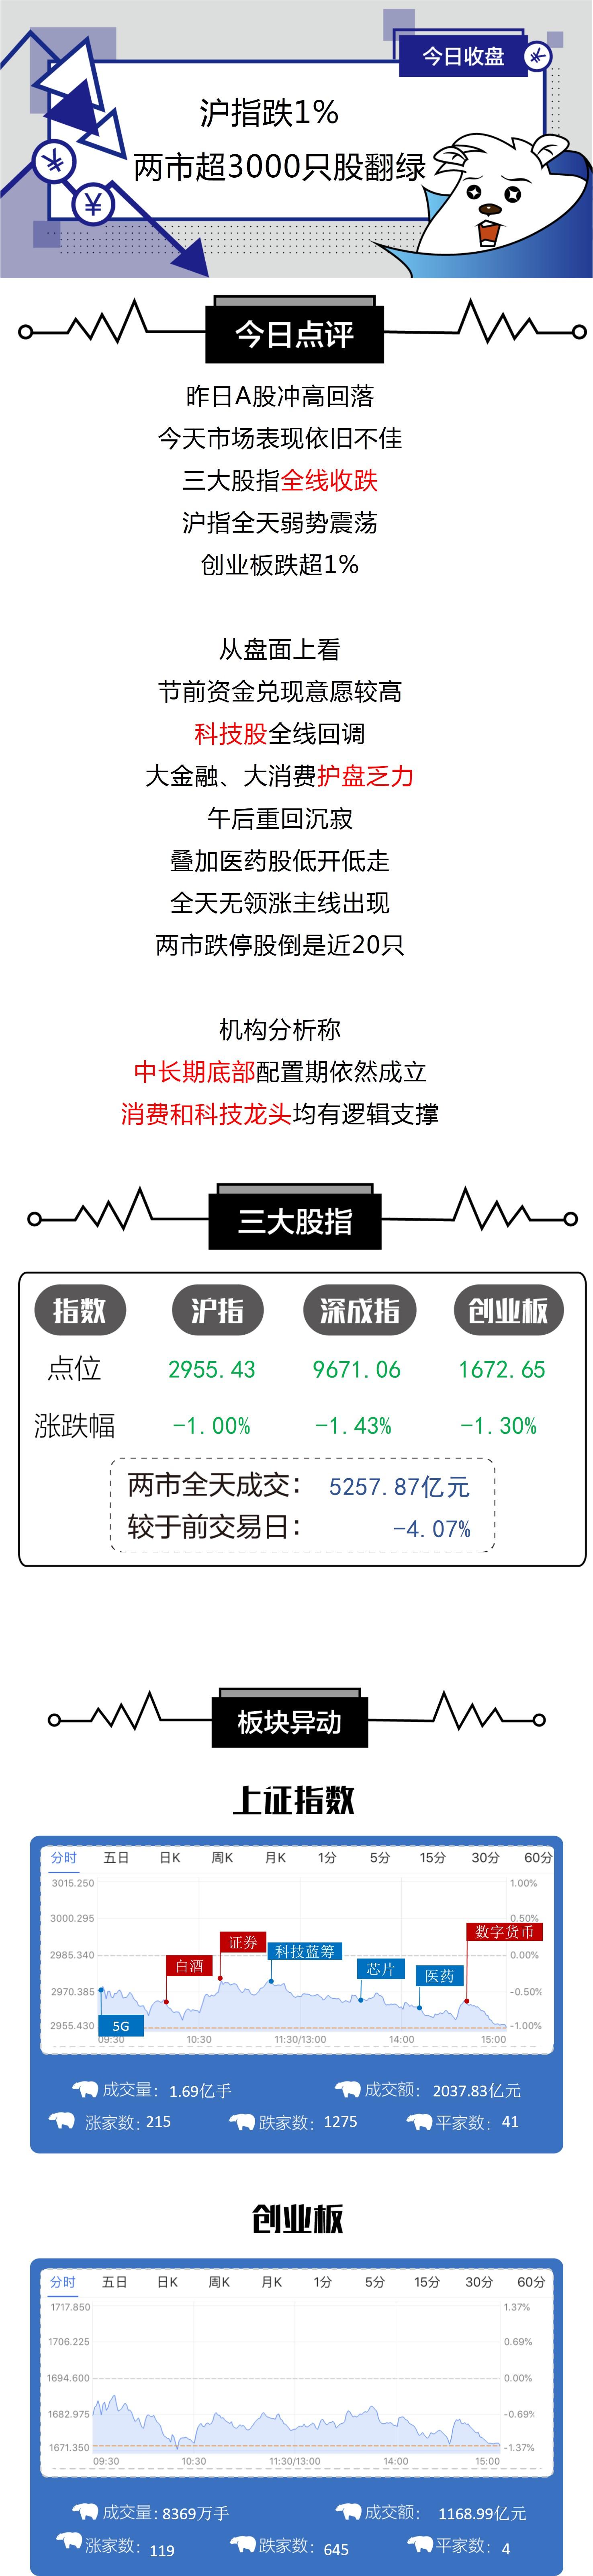 各界呼吁香港严惩暴徒 黄金周入境人数创五年来新低